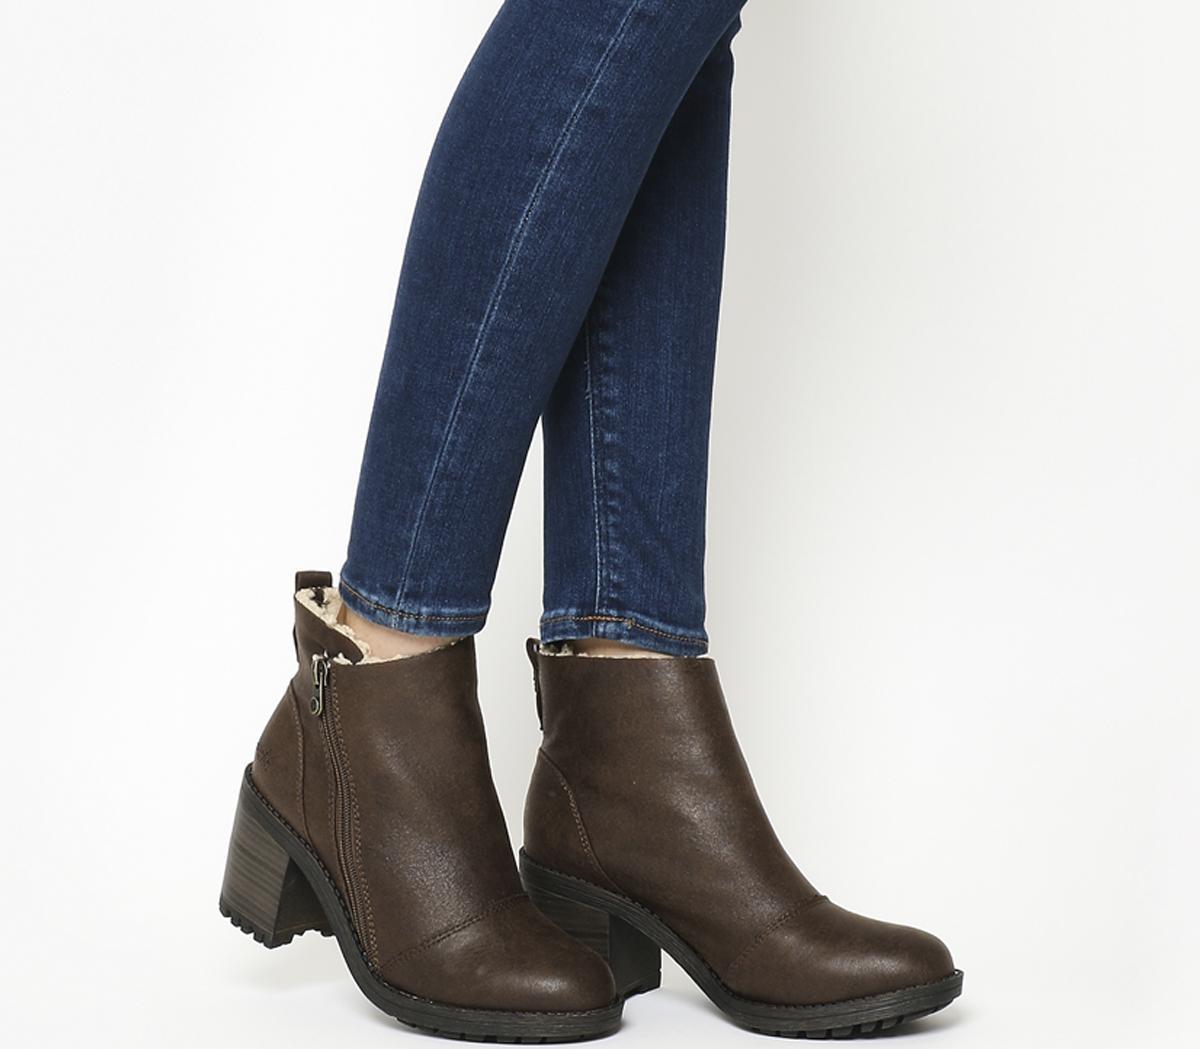 Jumper Boots